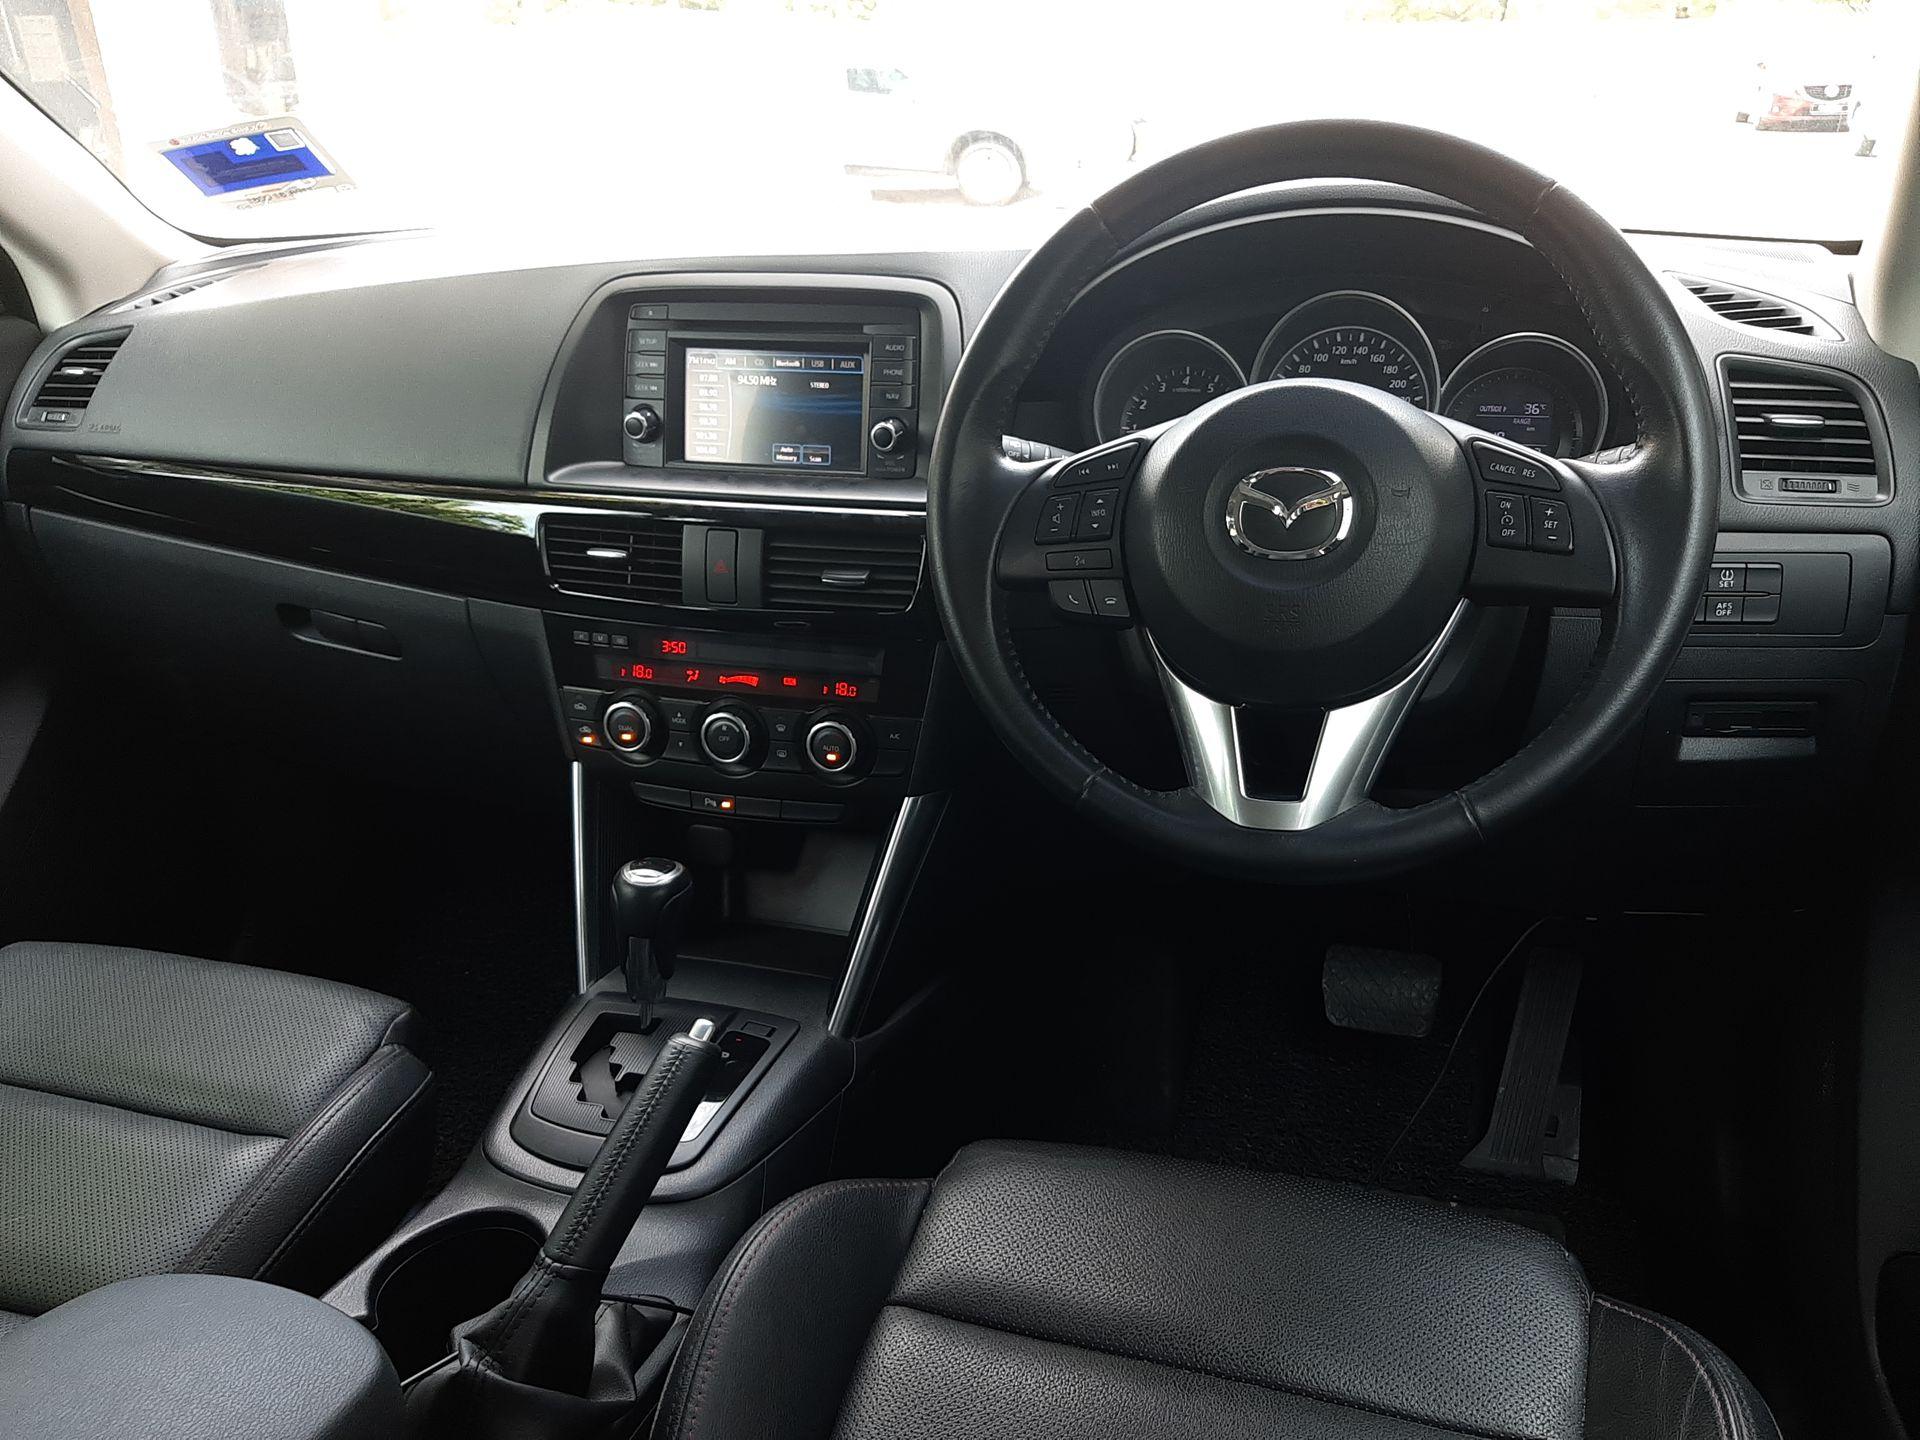 2014 Mazda CX5 2.0L 2WD (A)